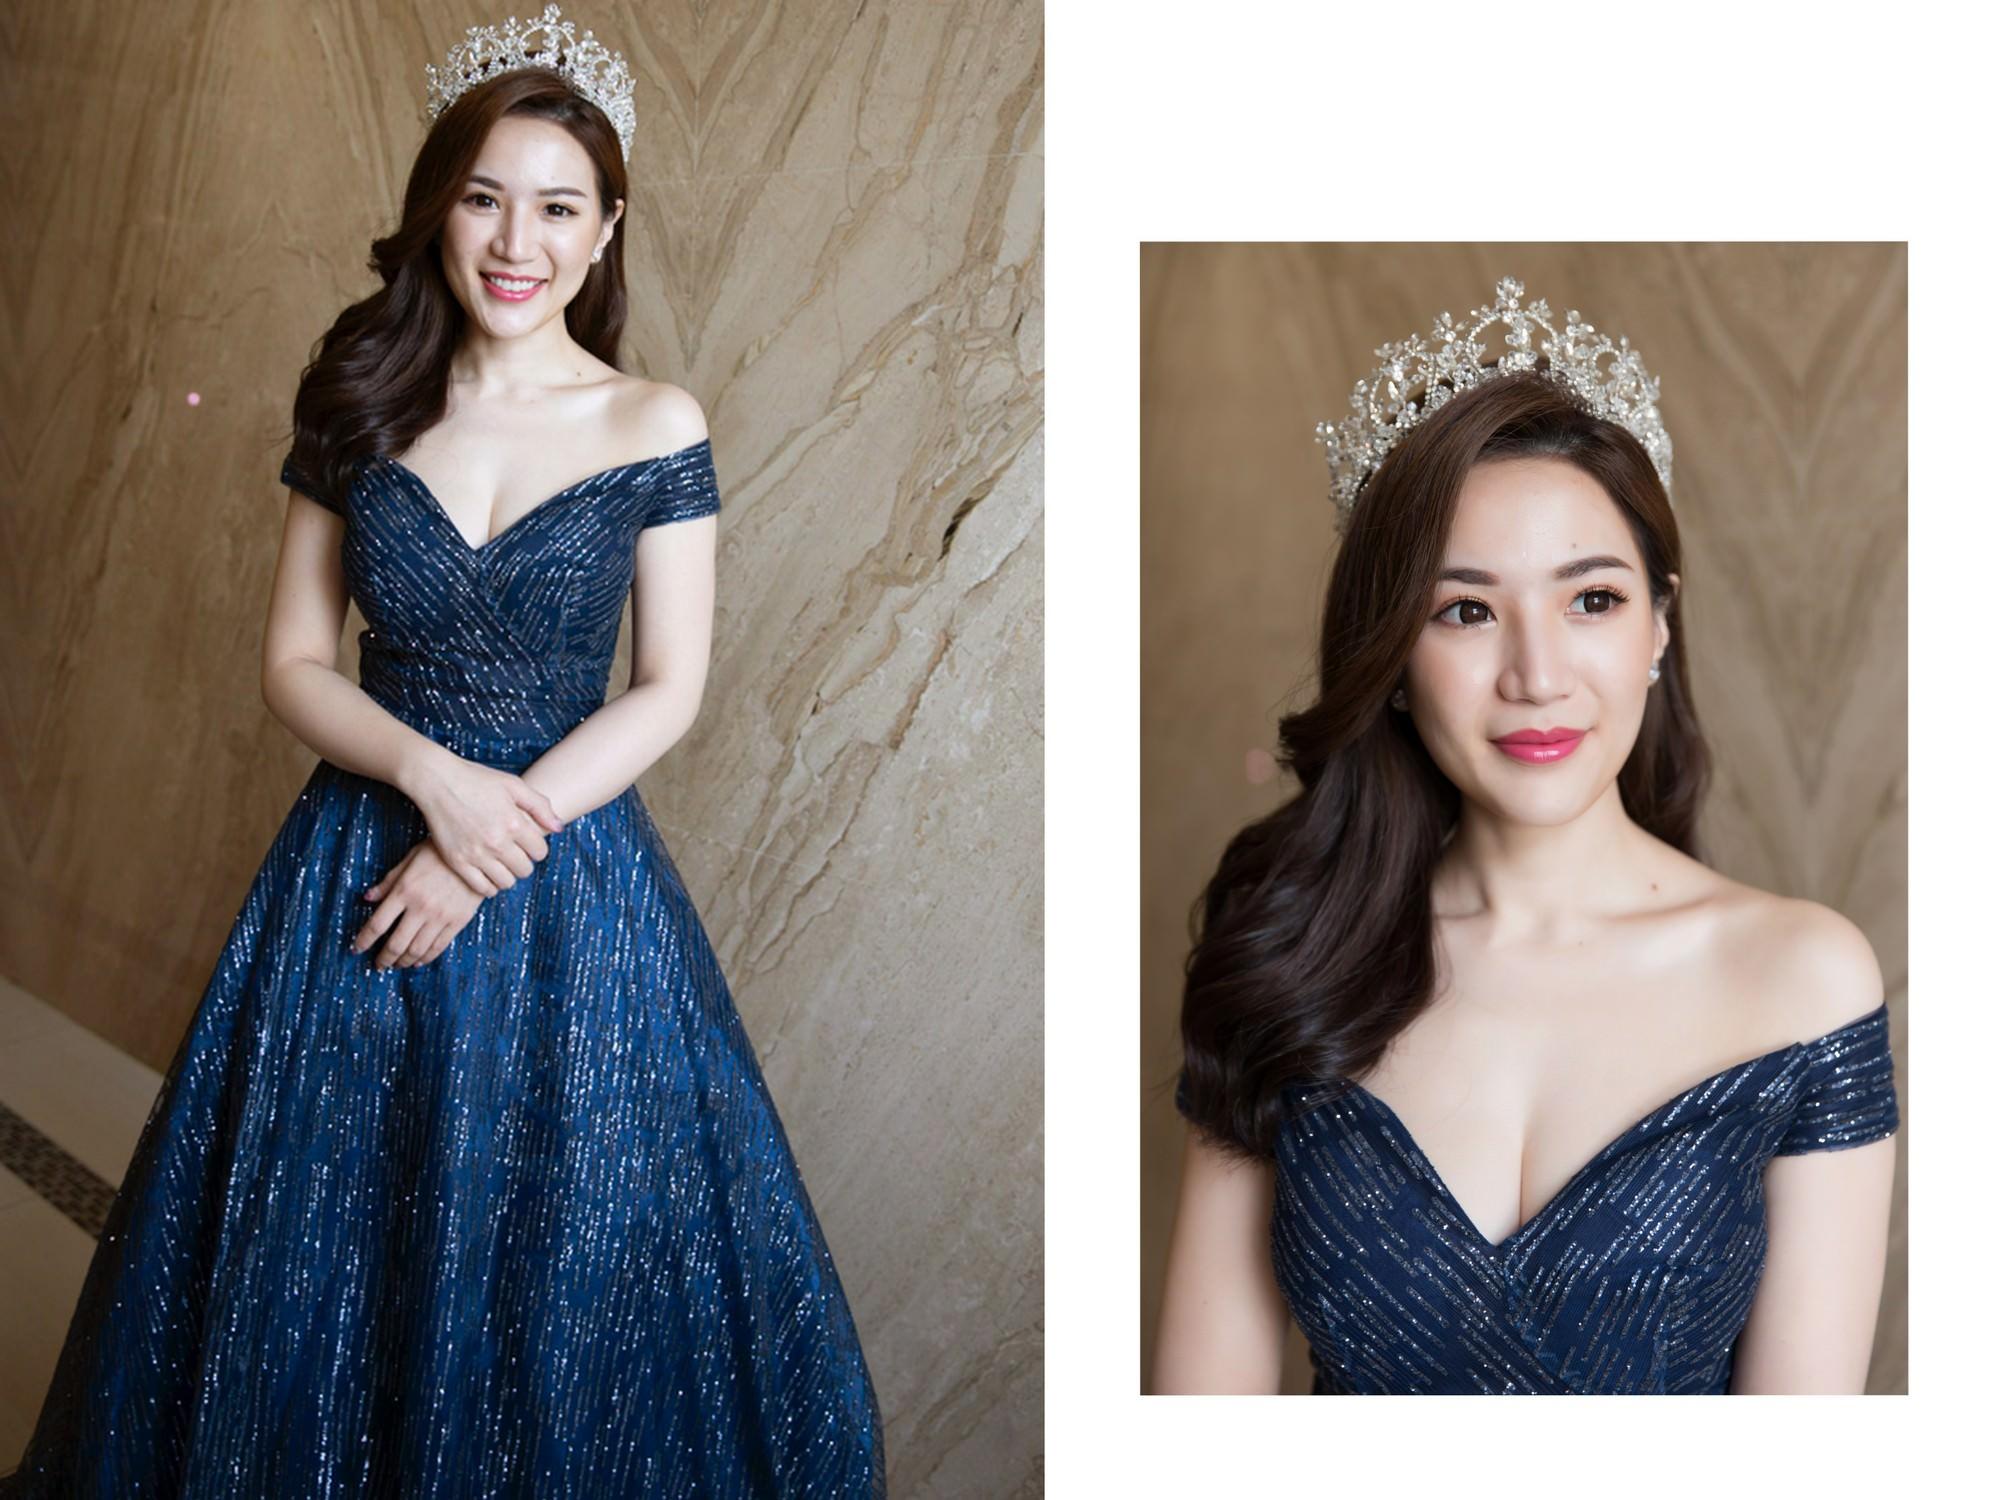 新娘秘書|新秘|新娘造型| 藍色禮服| 新娘髮型| 新娘妝容| 高雄新秘| 側邊髮造型|皇冠造型|輕熟女風格